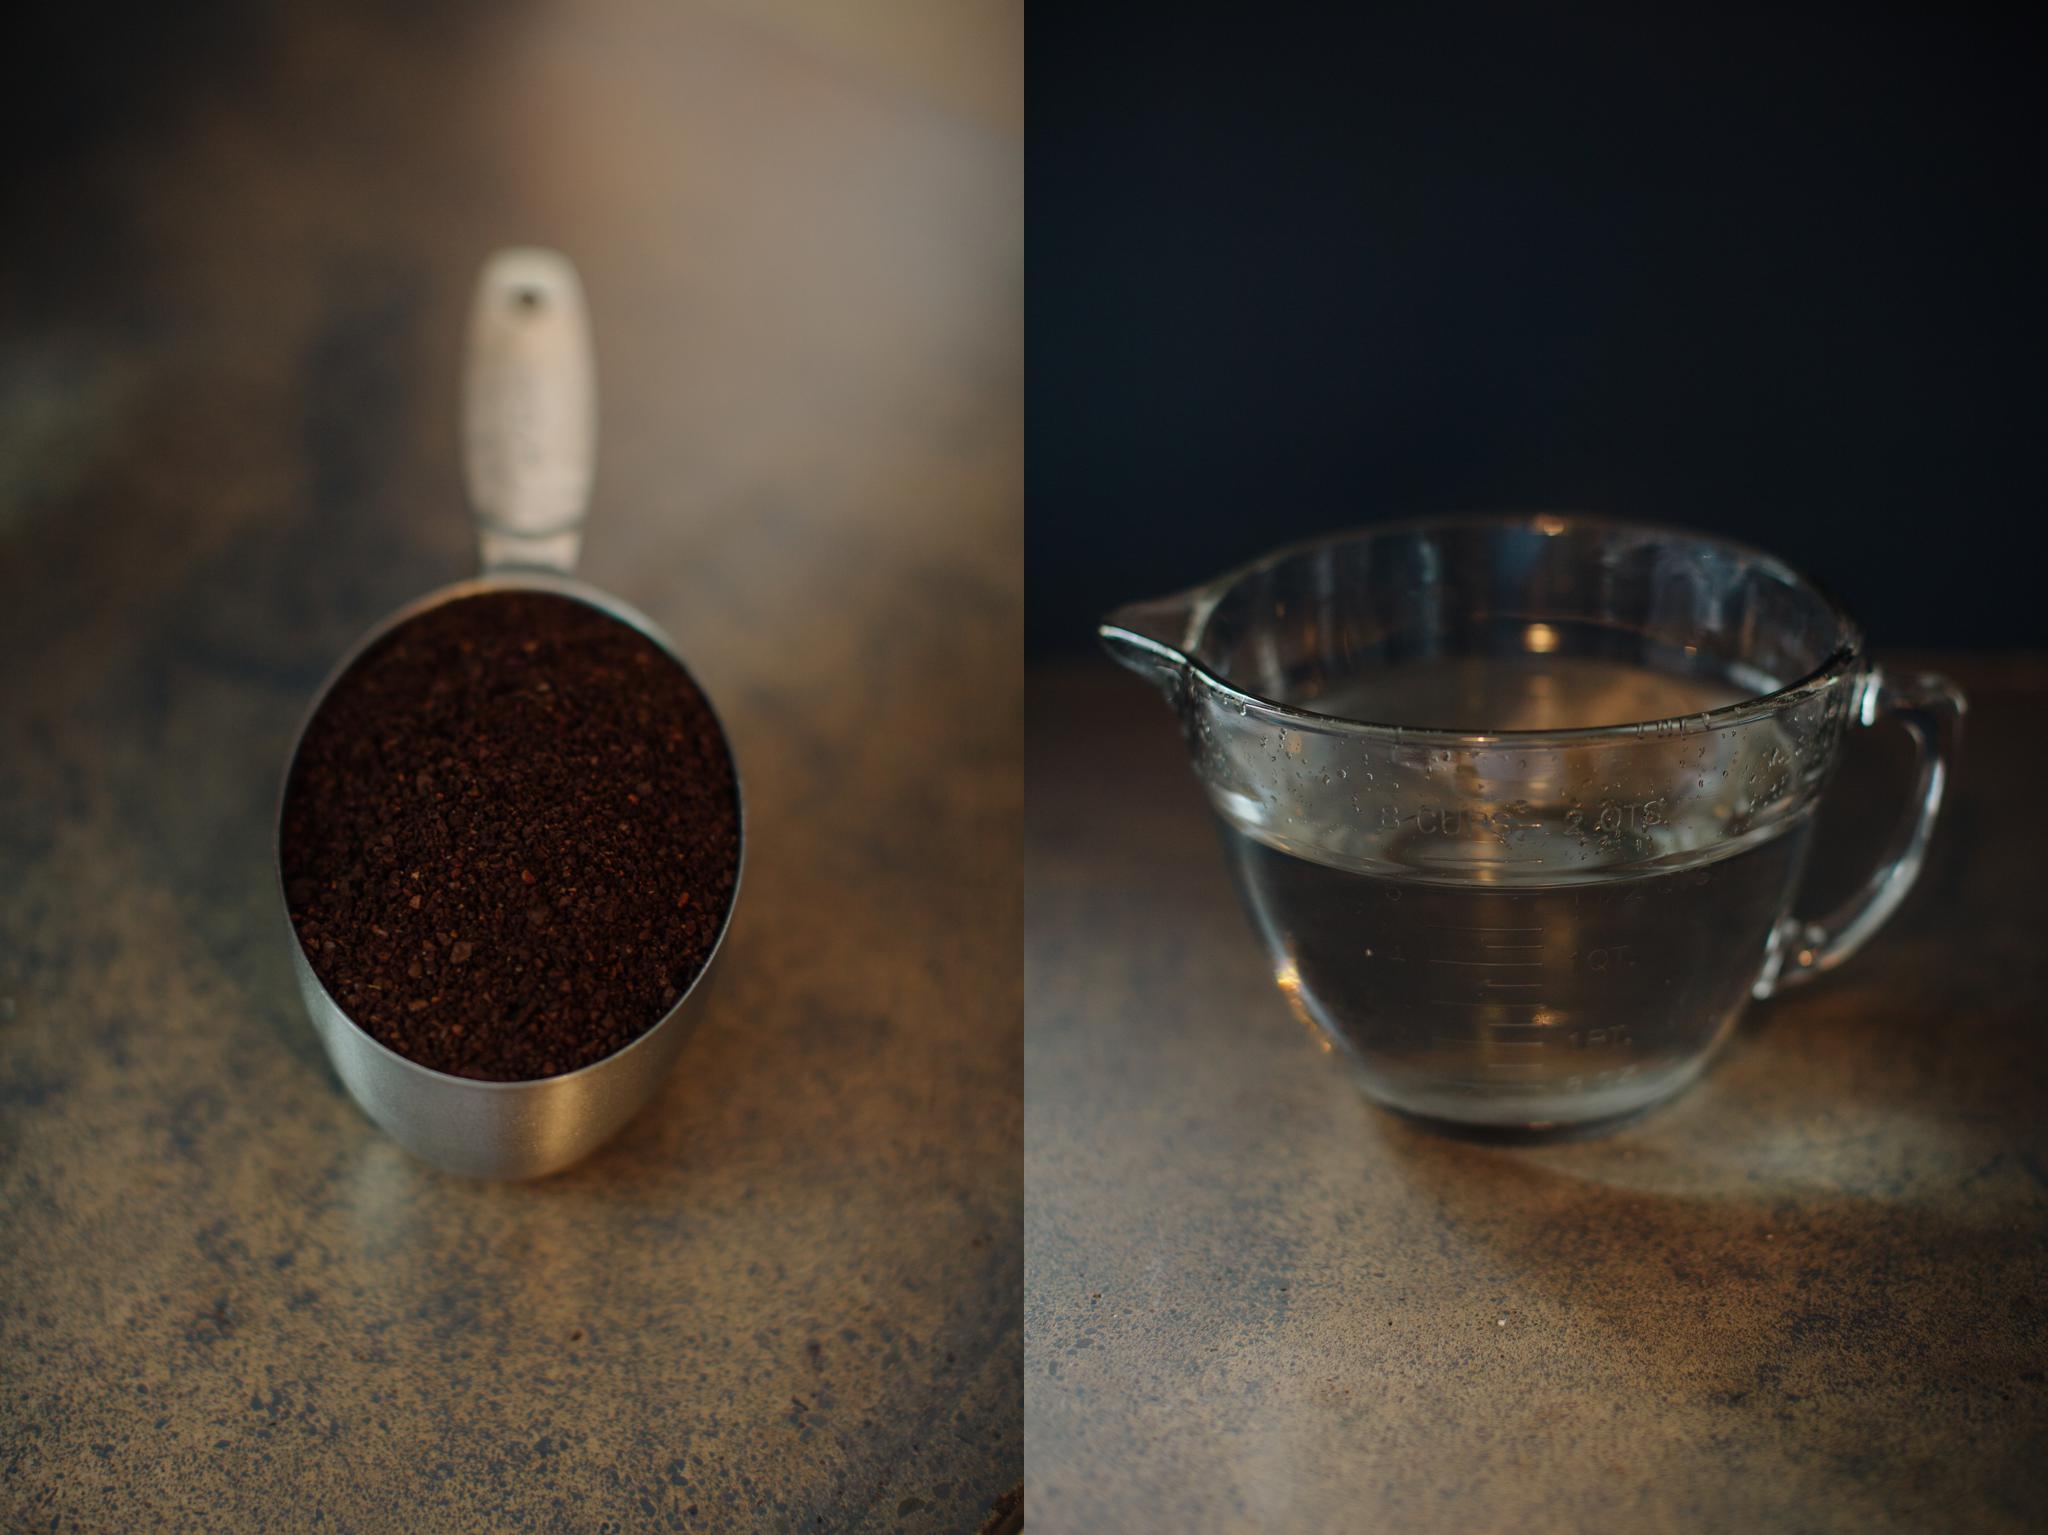 homemade_iced_coffee_5877.jpg